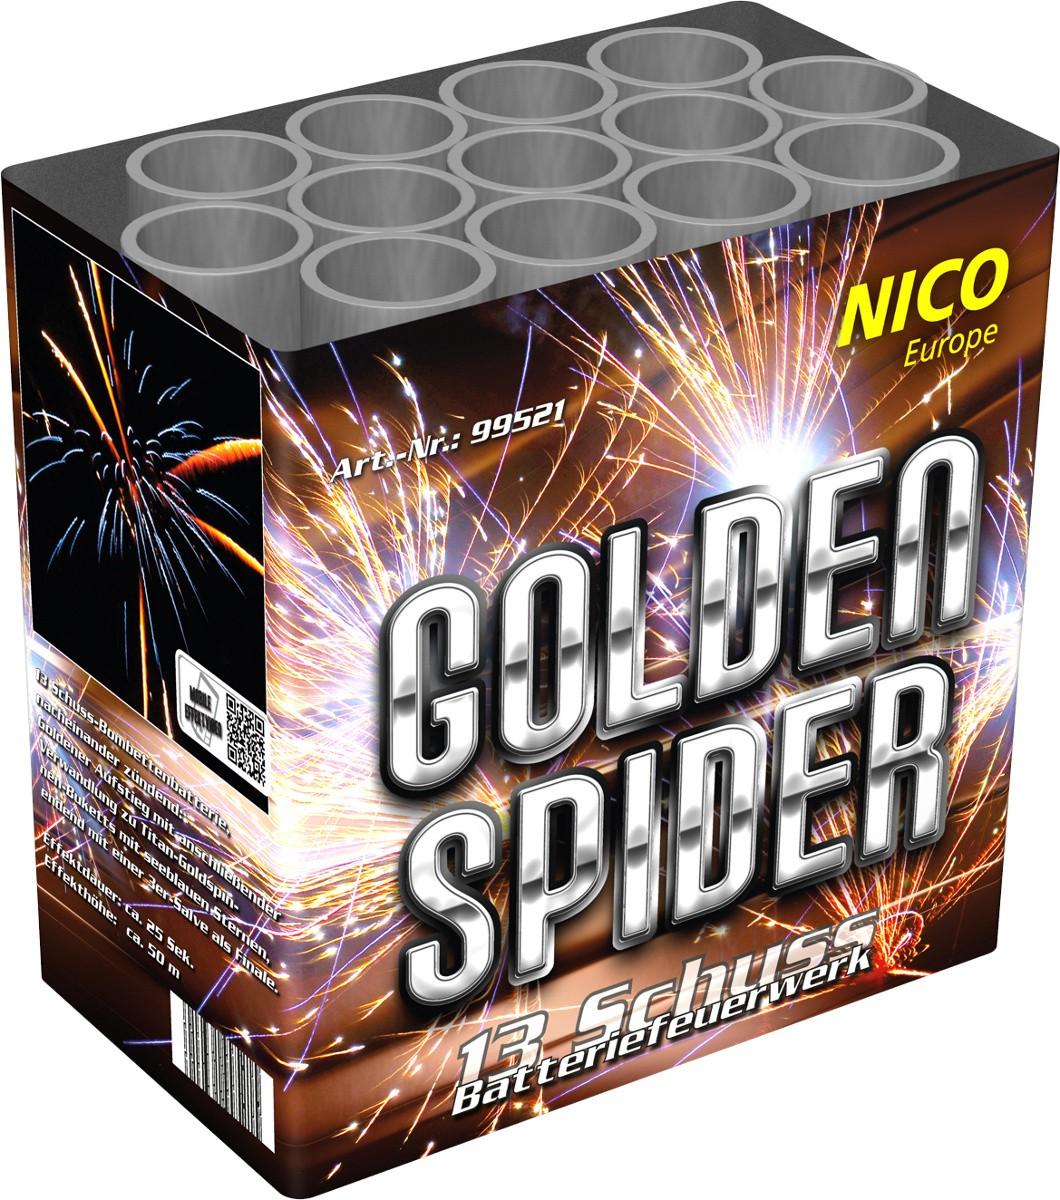 Feuerwerk Batterie Golden Spieder 13 Schuss